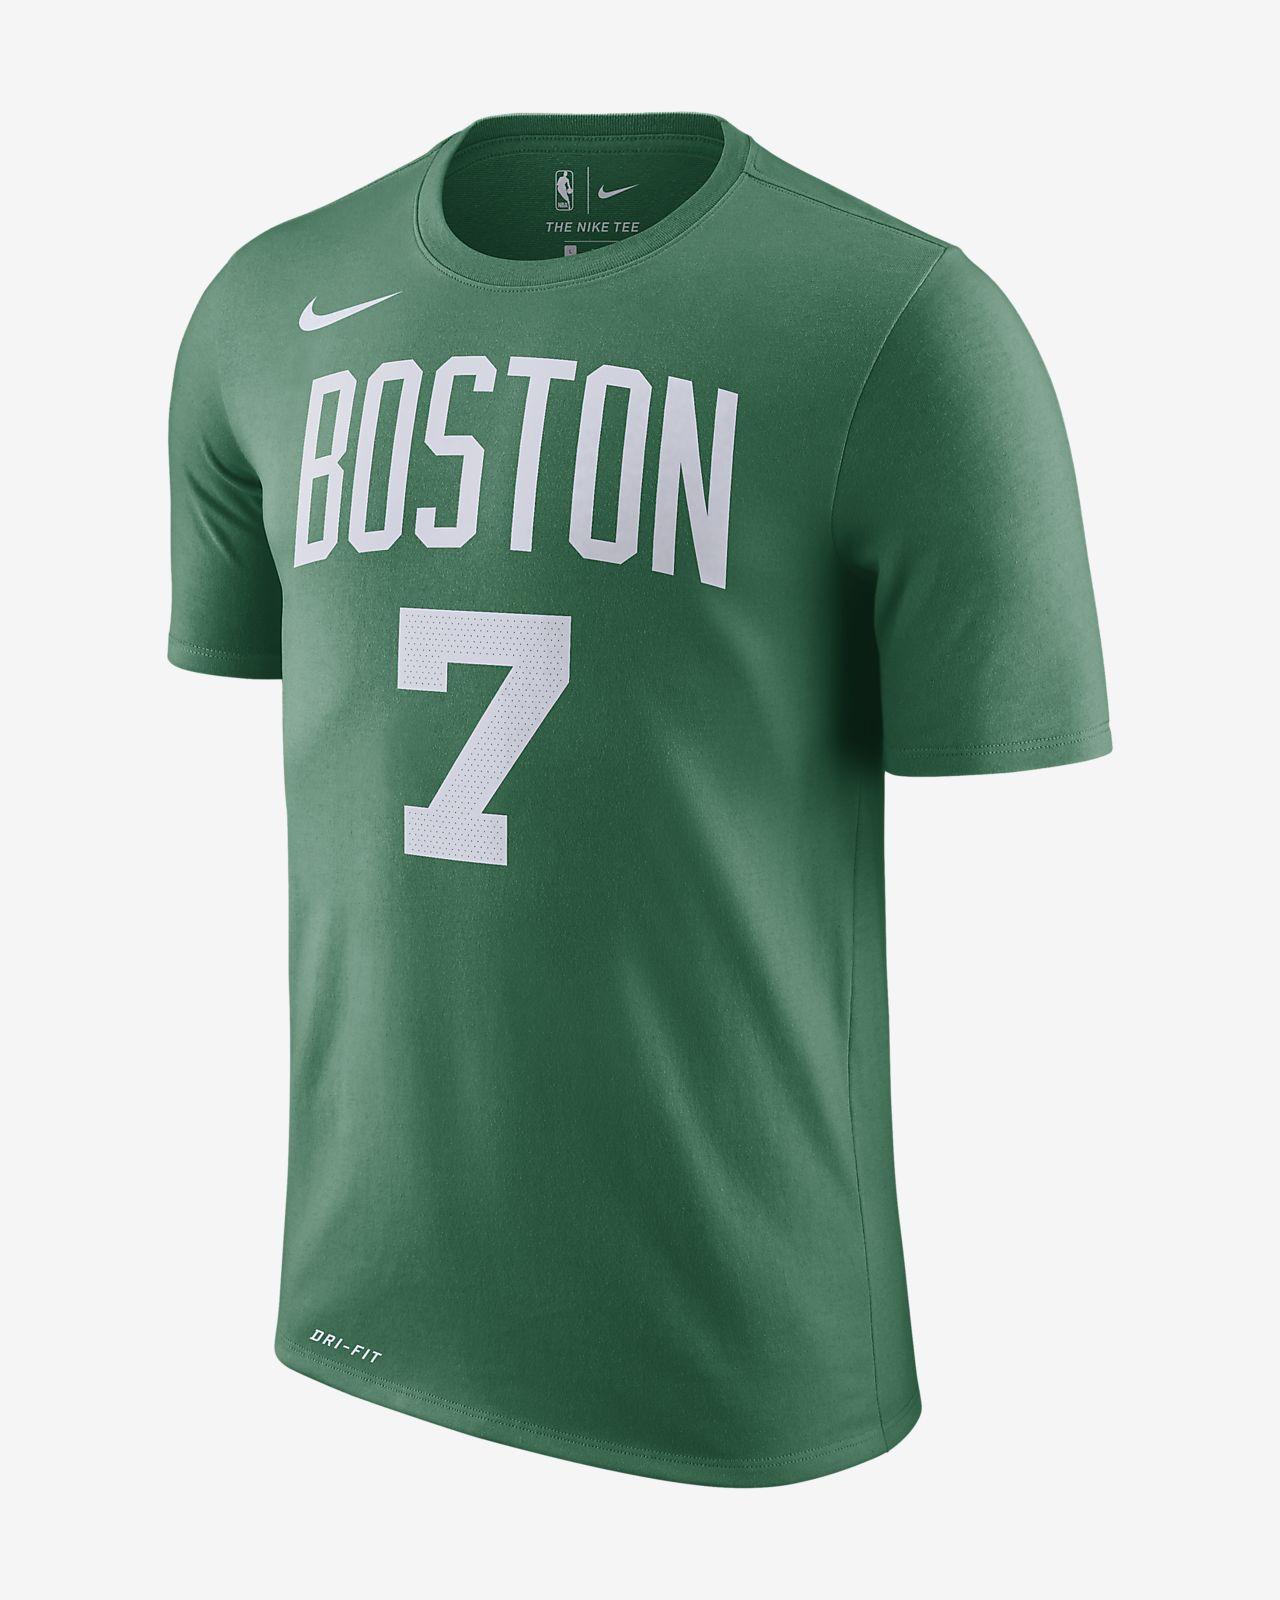 577c8819641 Jaylen Brown Boston Celtics Nike Dri-FIT Men s NBA T-Shirt. Nike.com